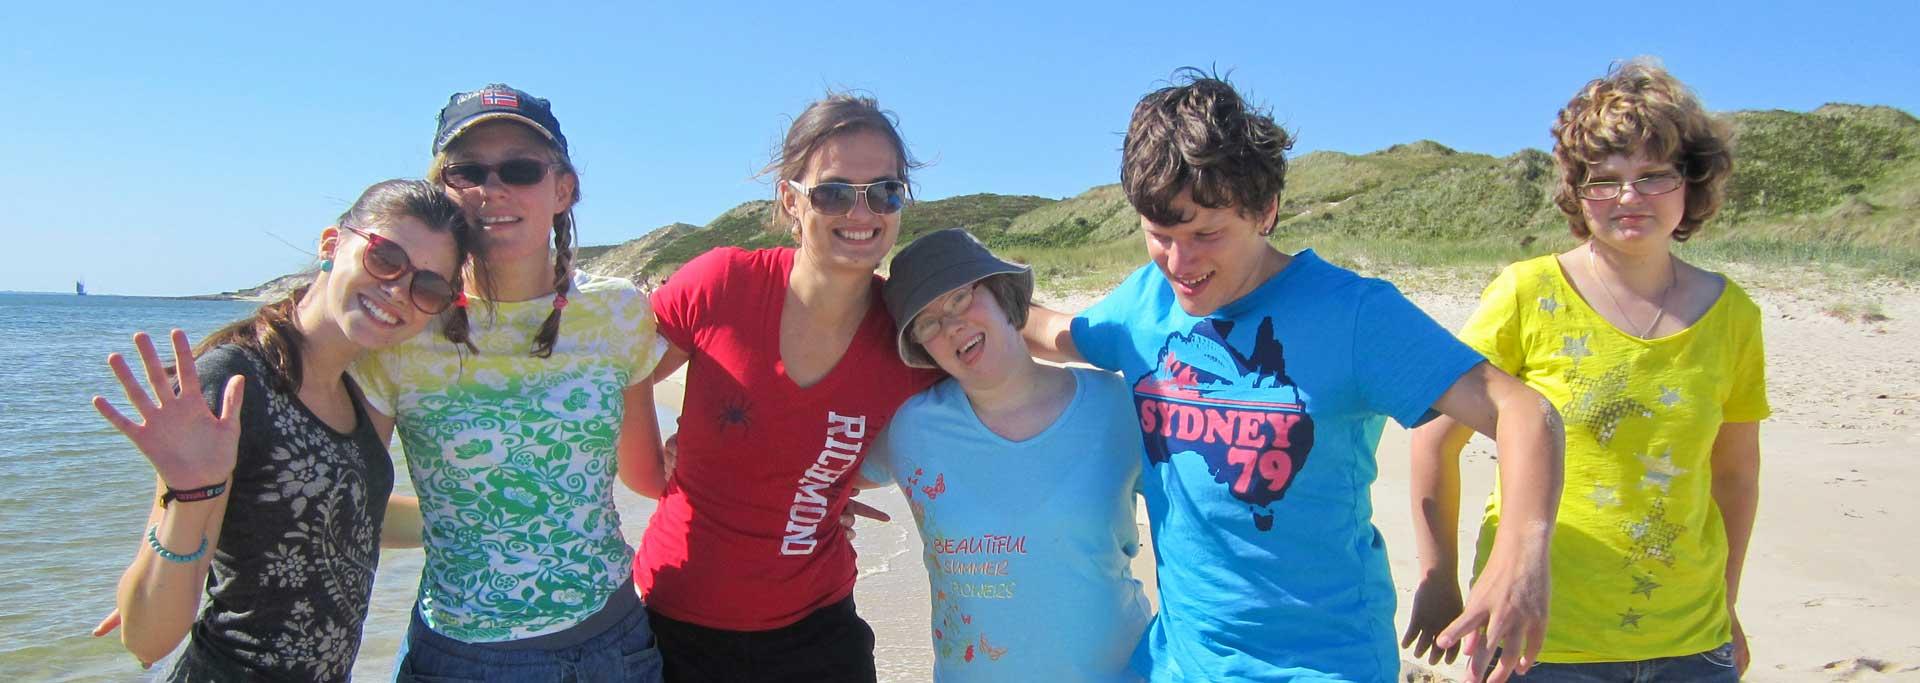 Reisen für Behinderte - Jugendliche mit Down Syndrom